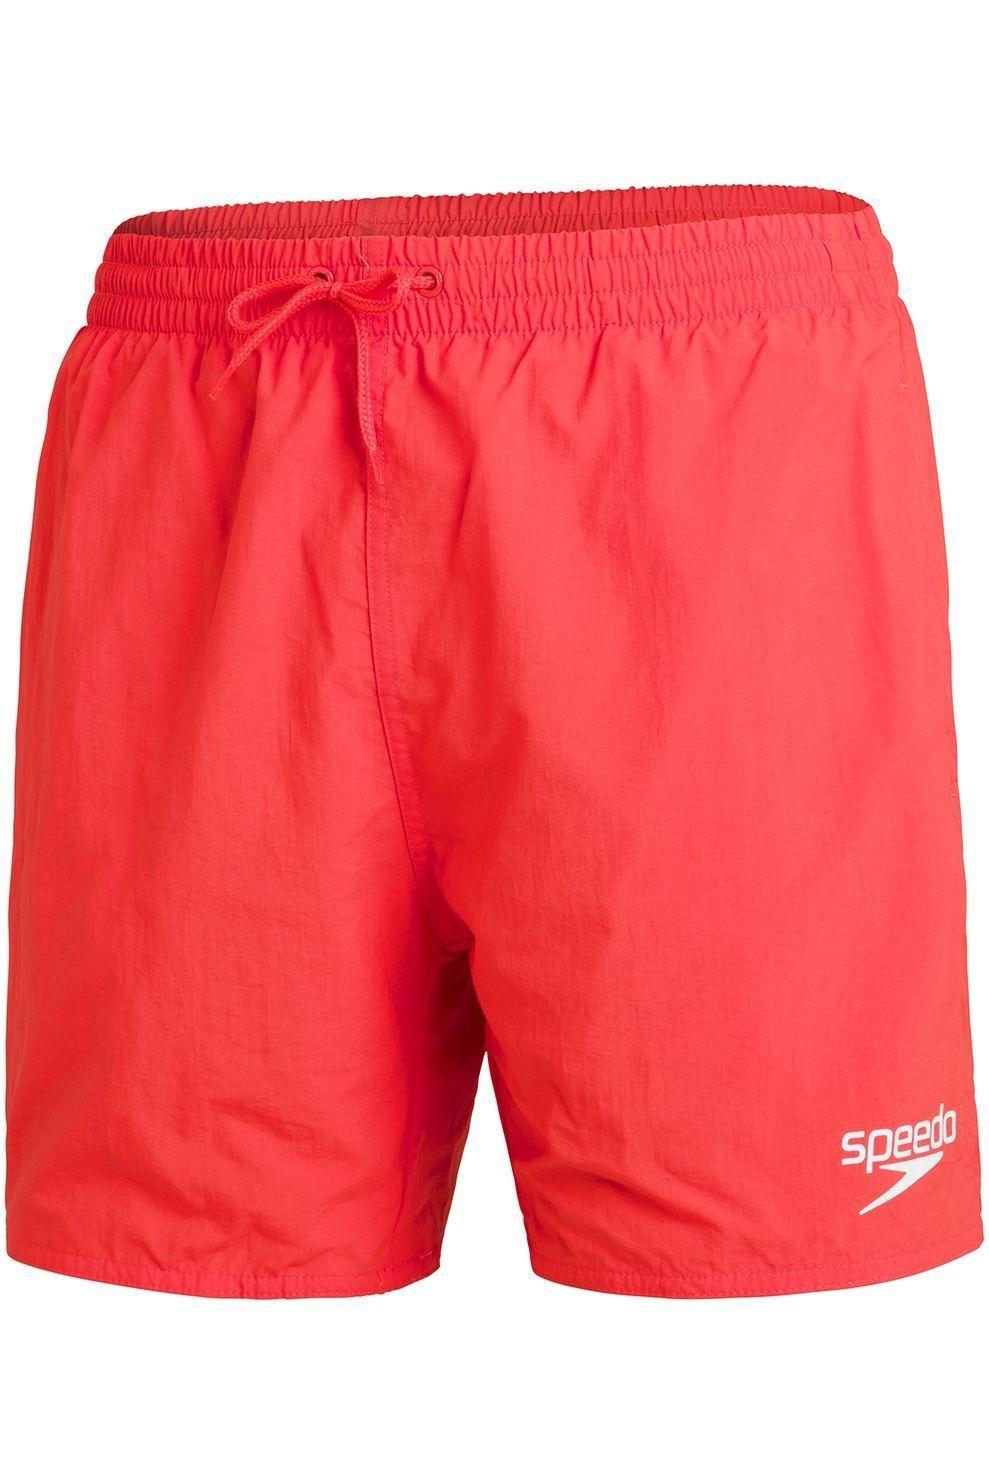 Speedo Zwemshort Essentials 16 voor heren - Oranje/Logo - Maten: XS, S, M, L, XL, XXL